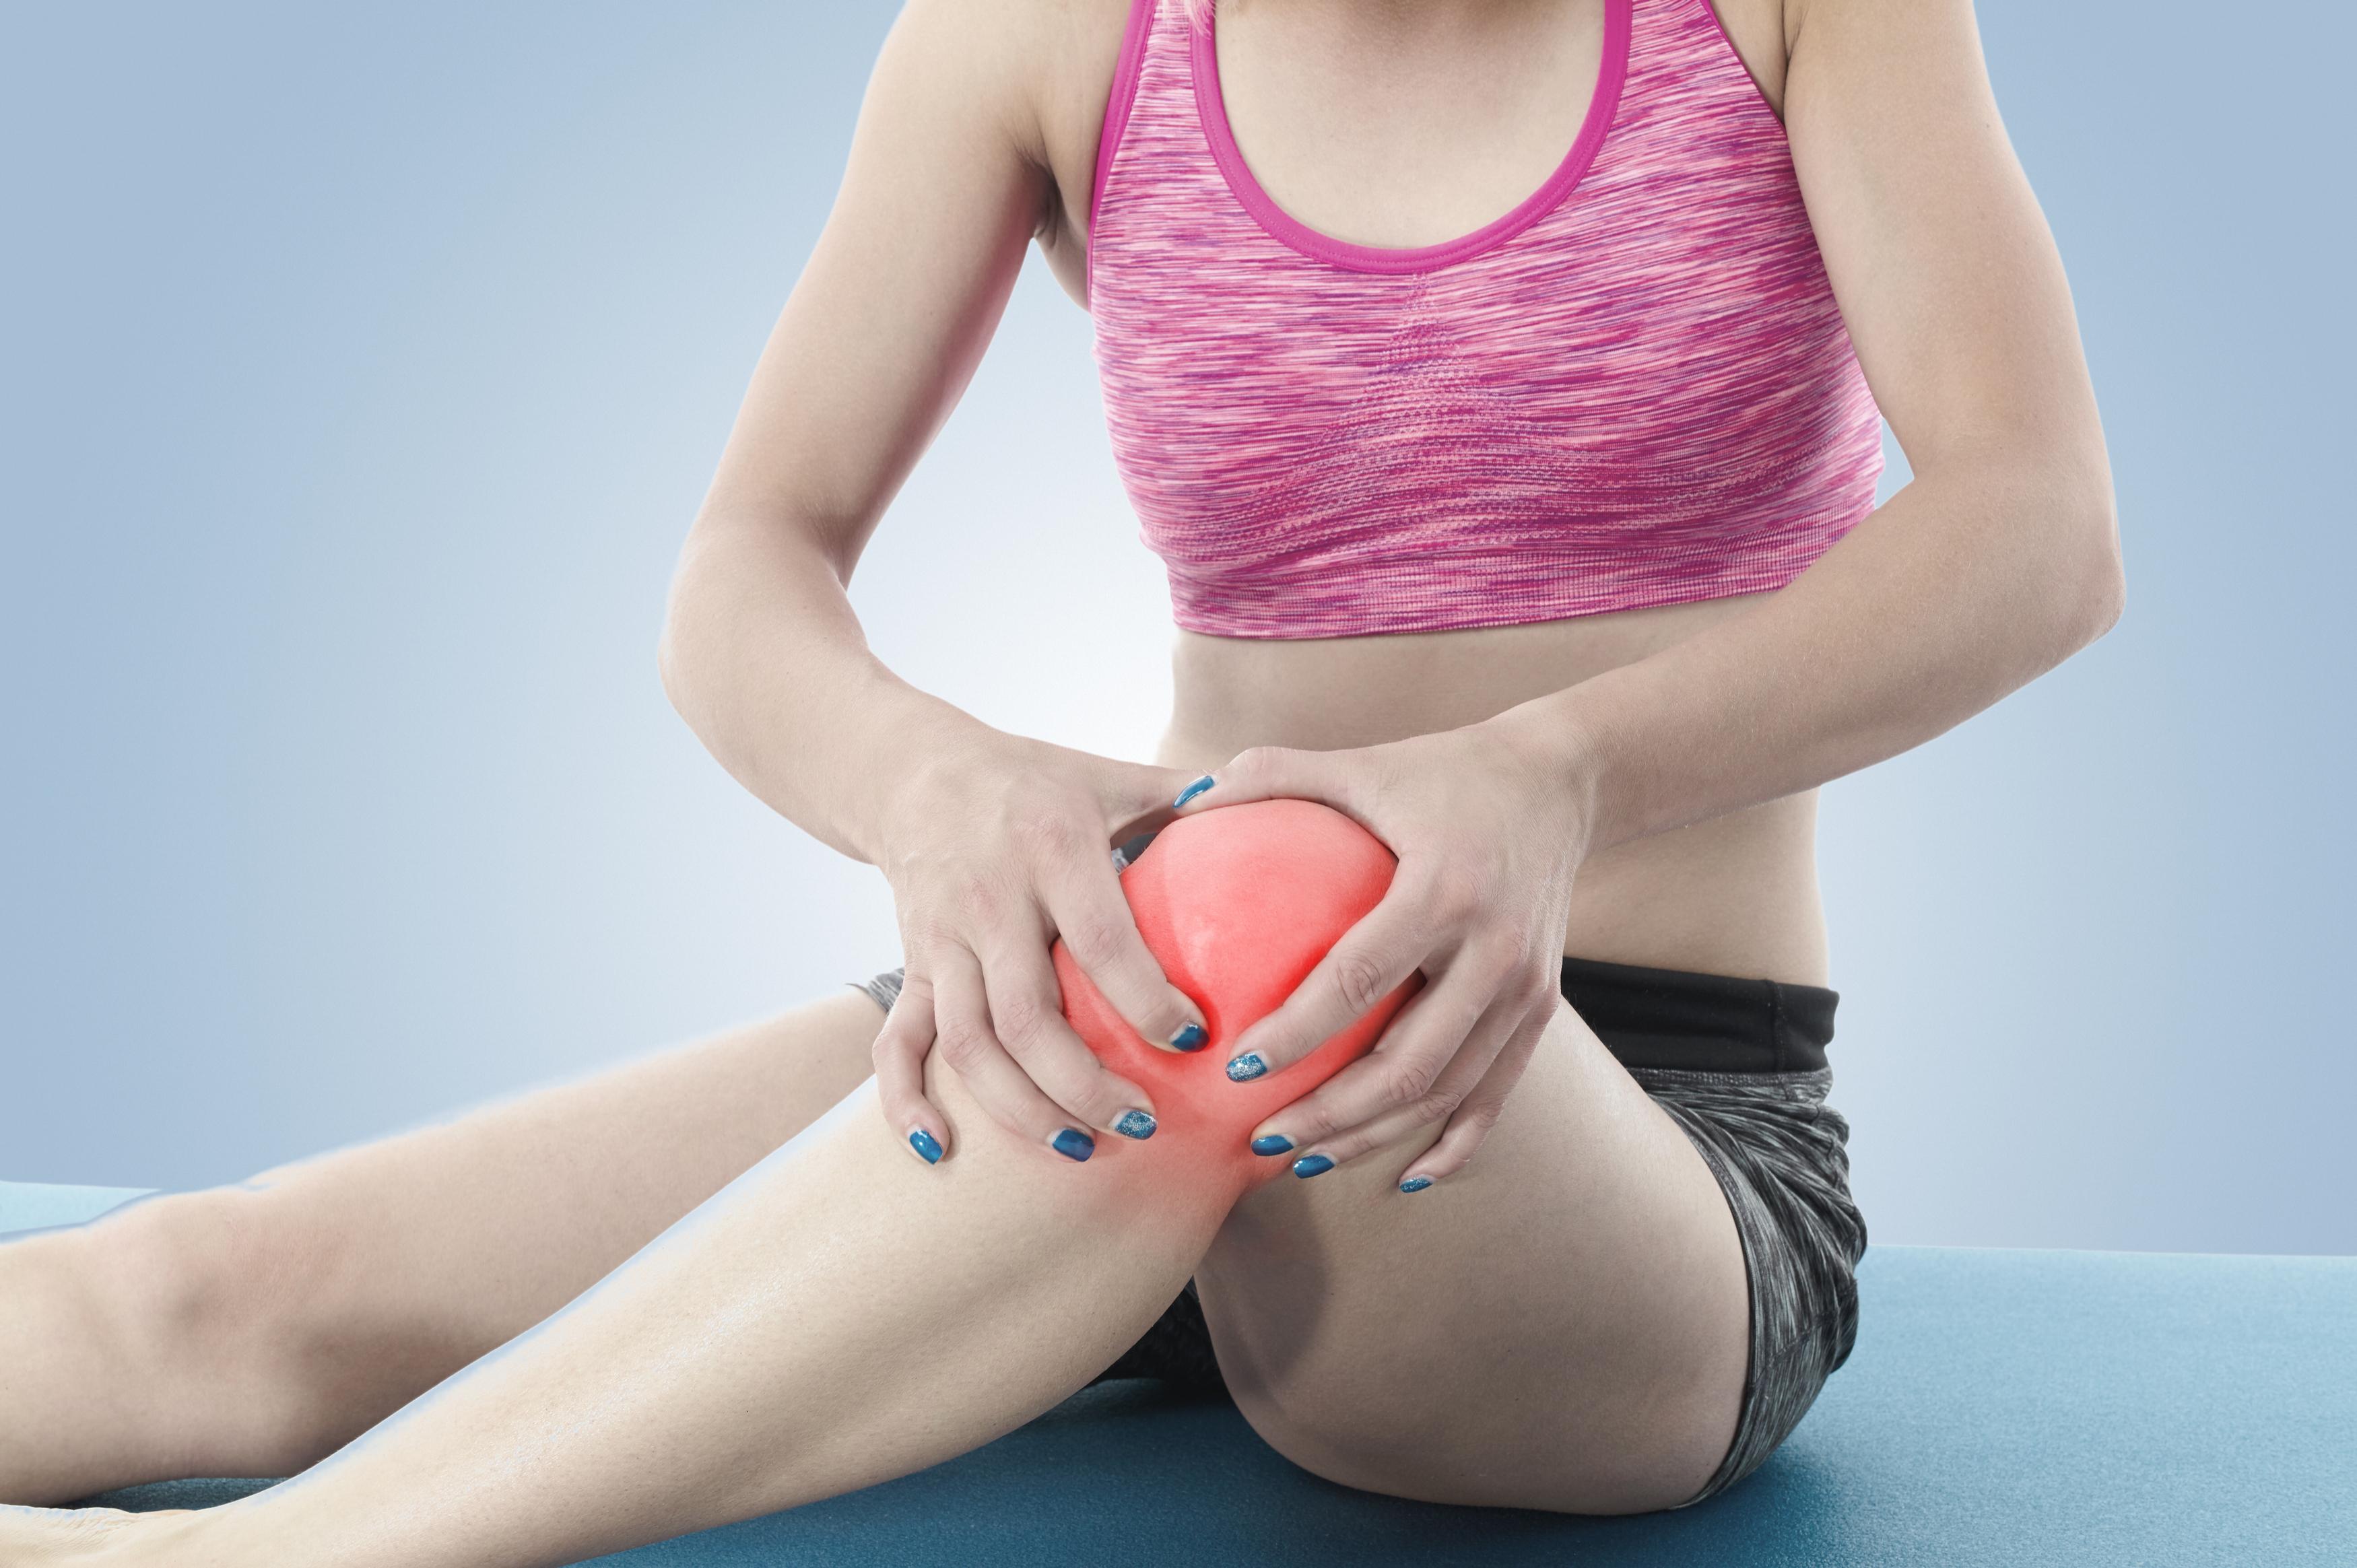 faceți clic pe articulații rănesc mușchii)